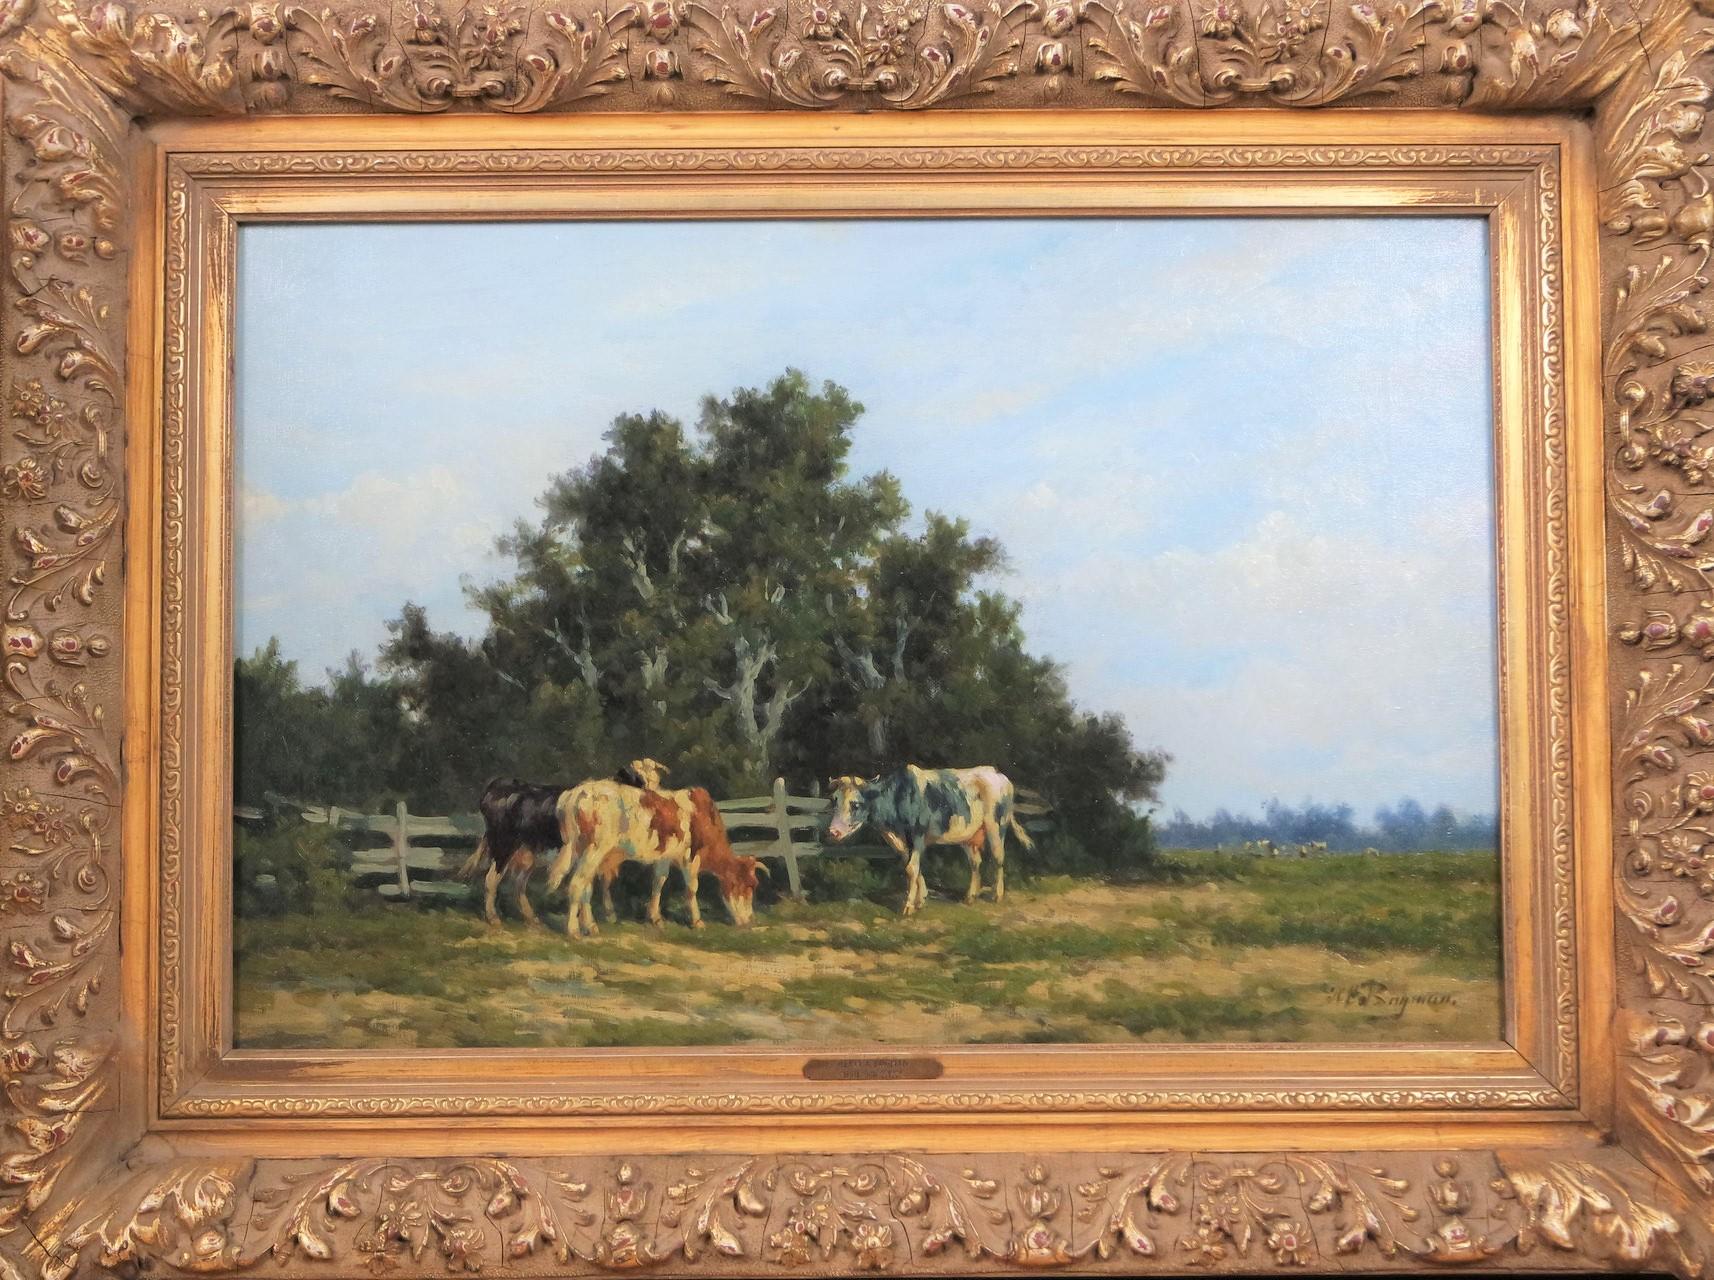 te_koop_aangeboden_een_veegezicht_van_de_kunstschilder_hermanus_charles_ch_bogman_1861-1921_haagse_school